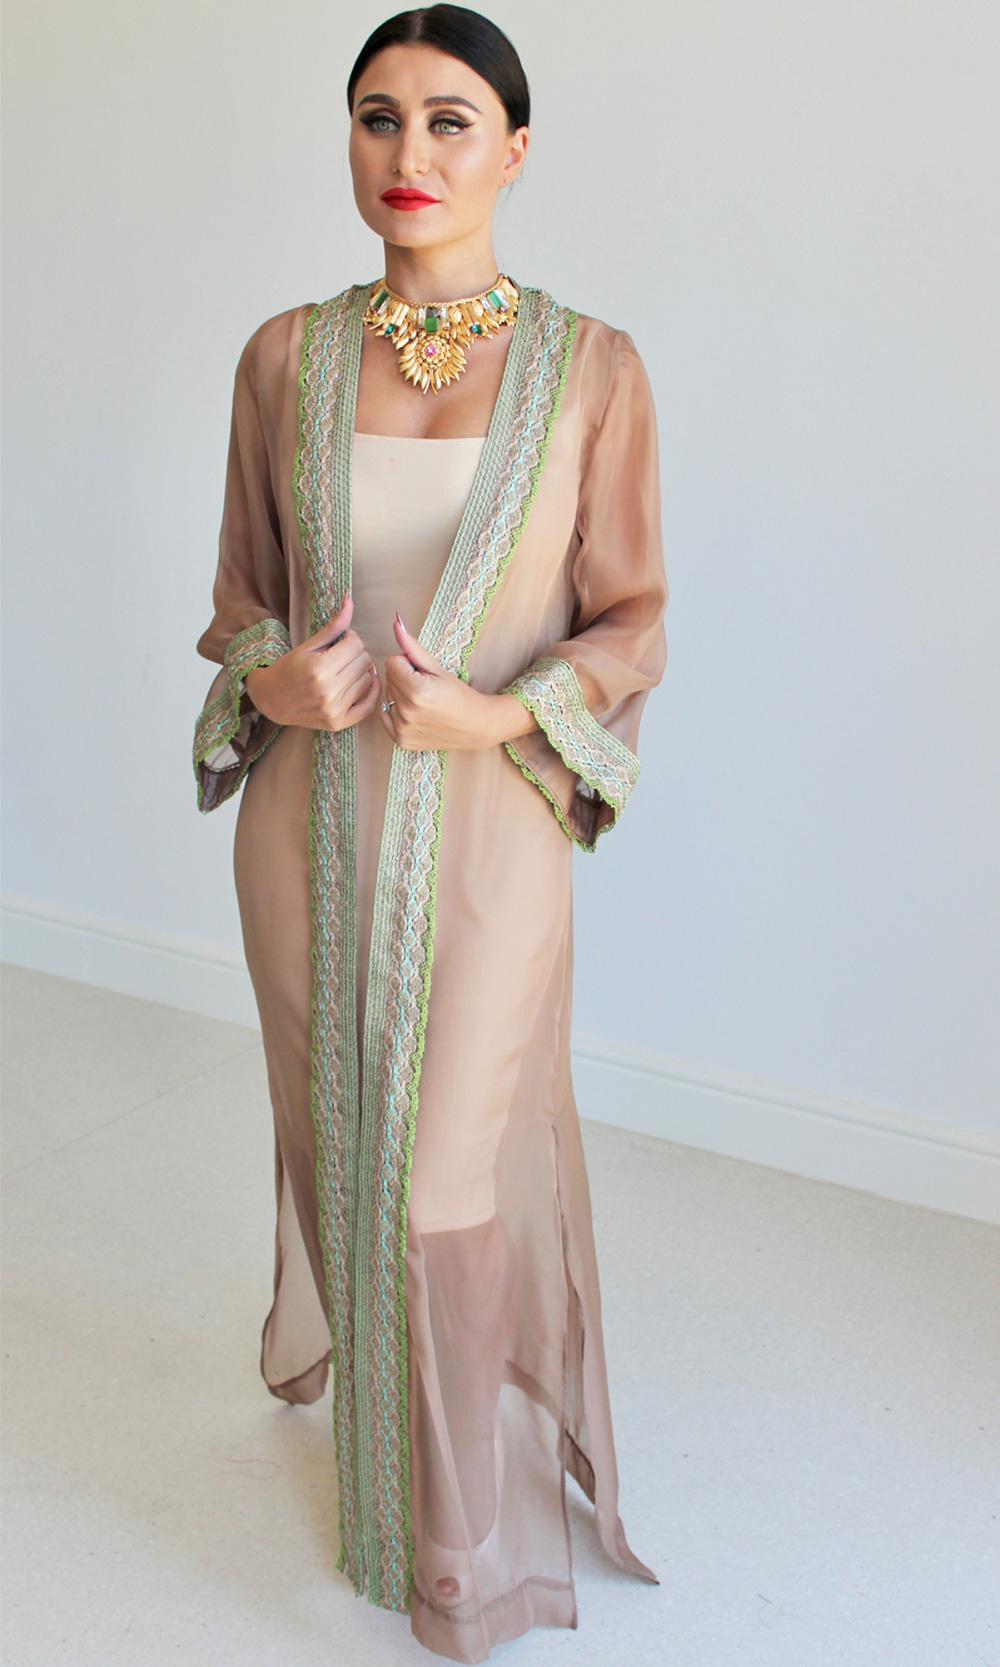 Sheer Chiffon Kimono Kaftan Robes